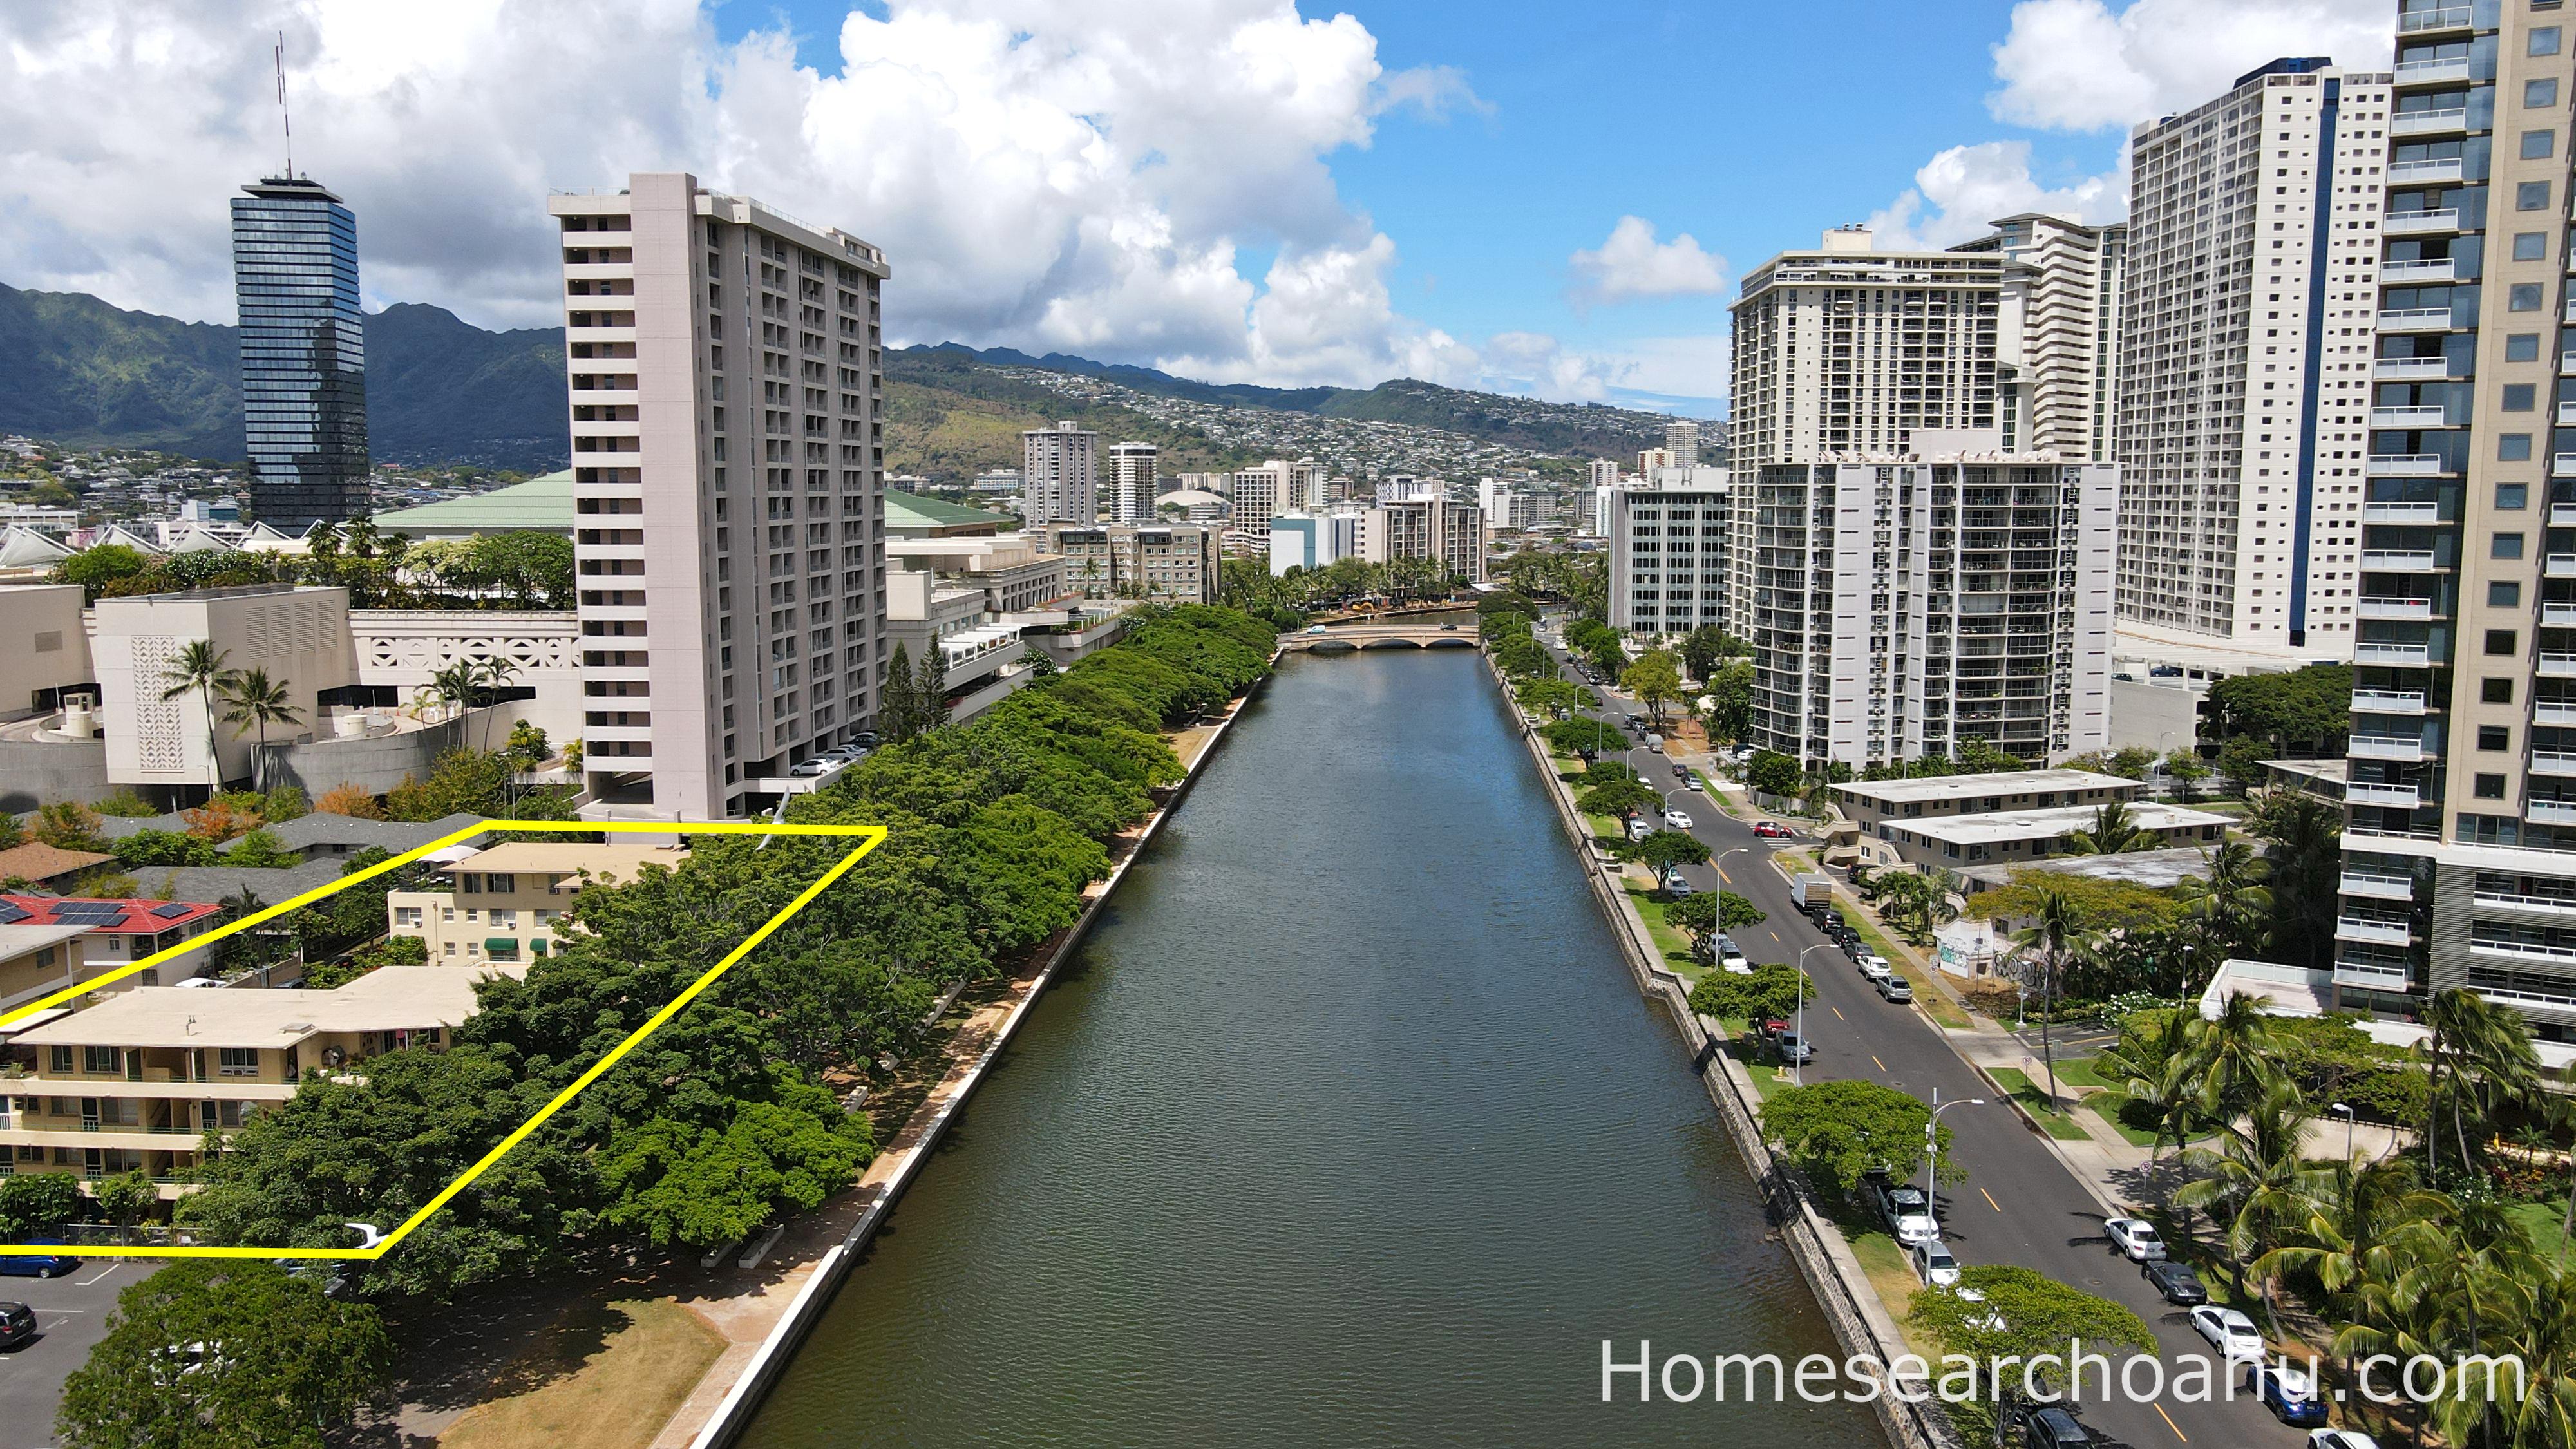 Commodore Waikiki Aerial View